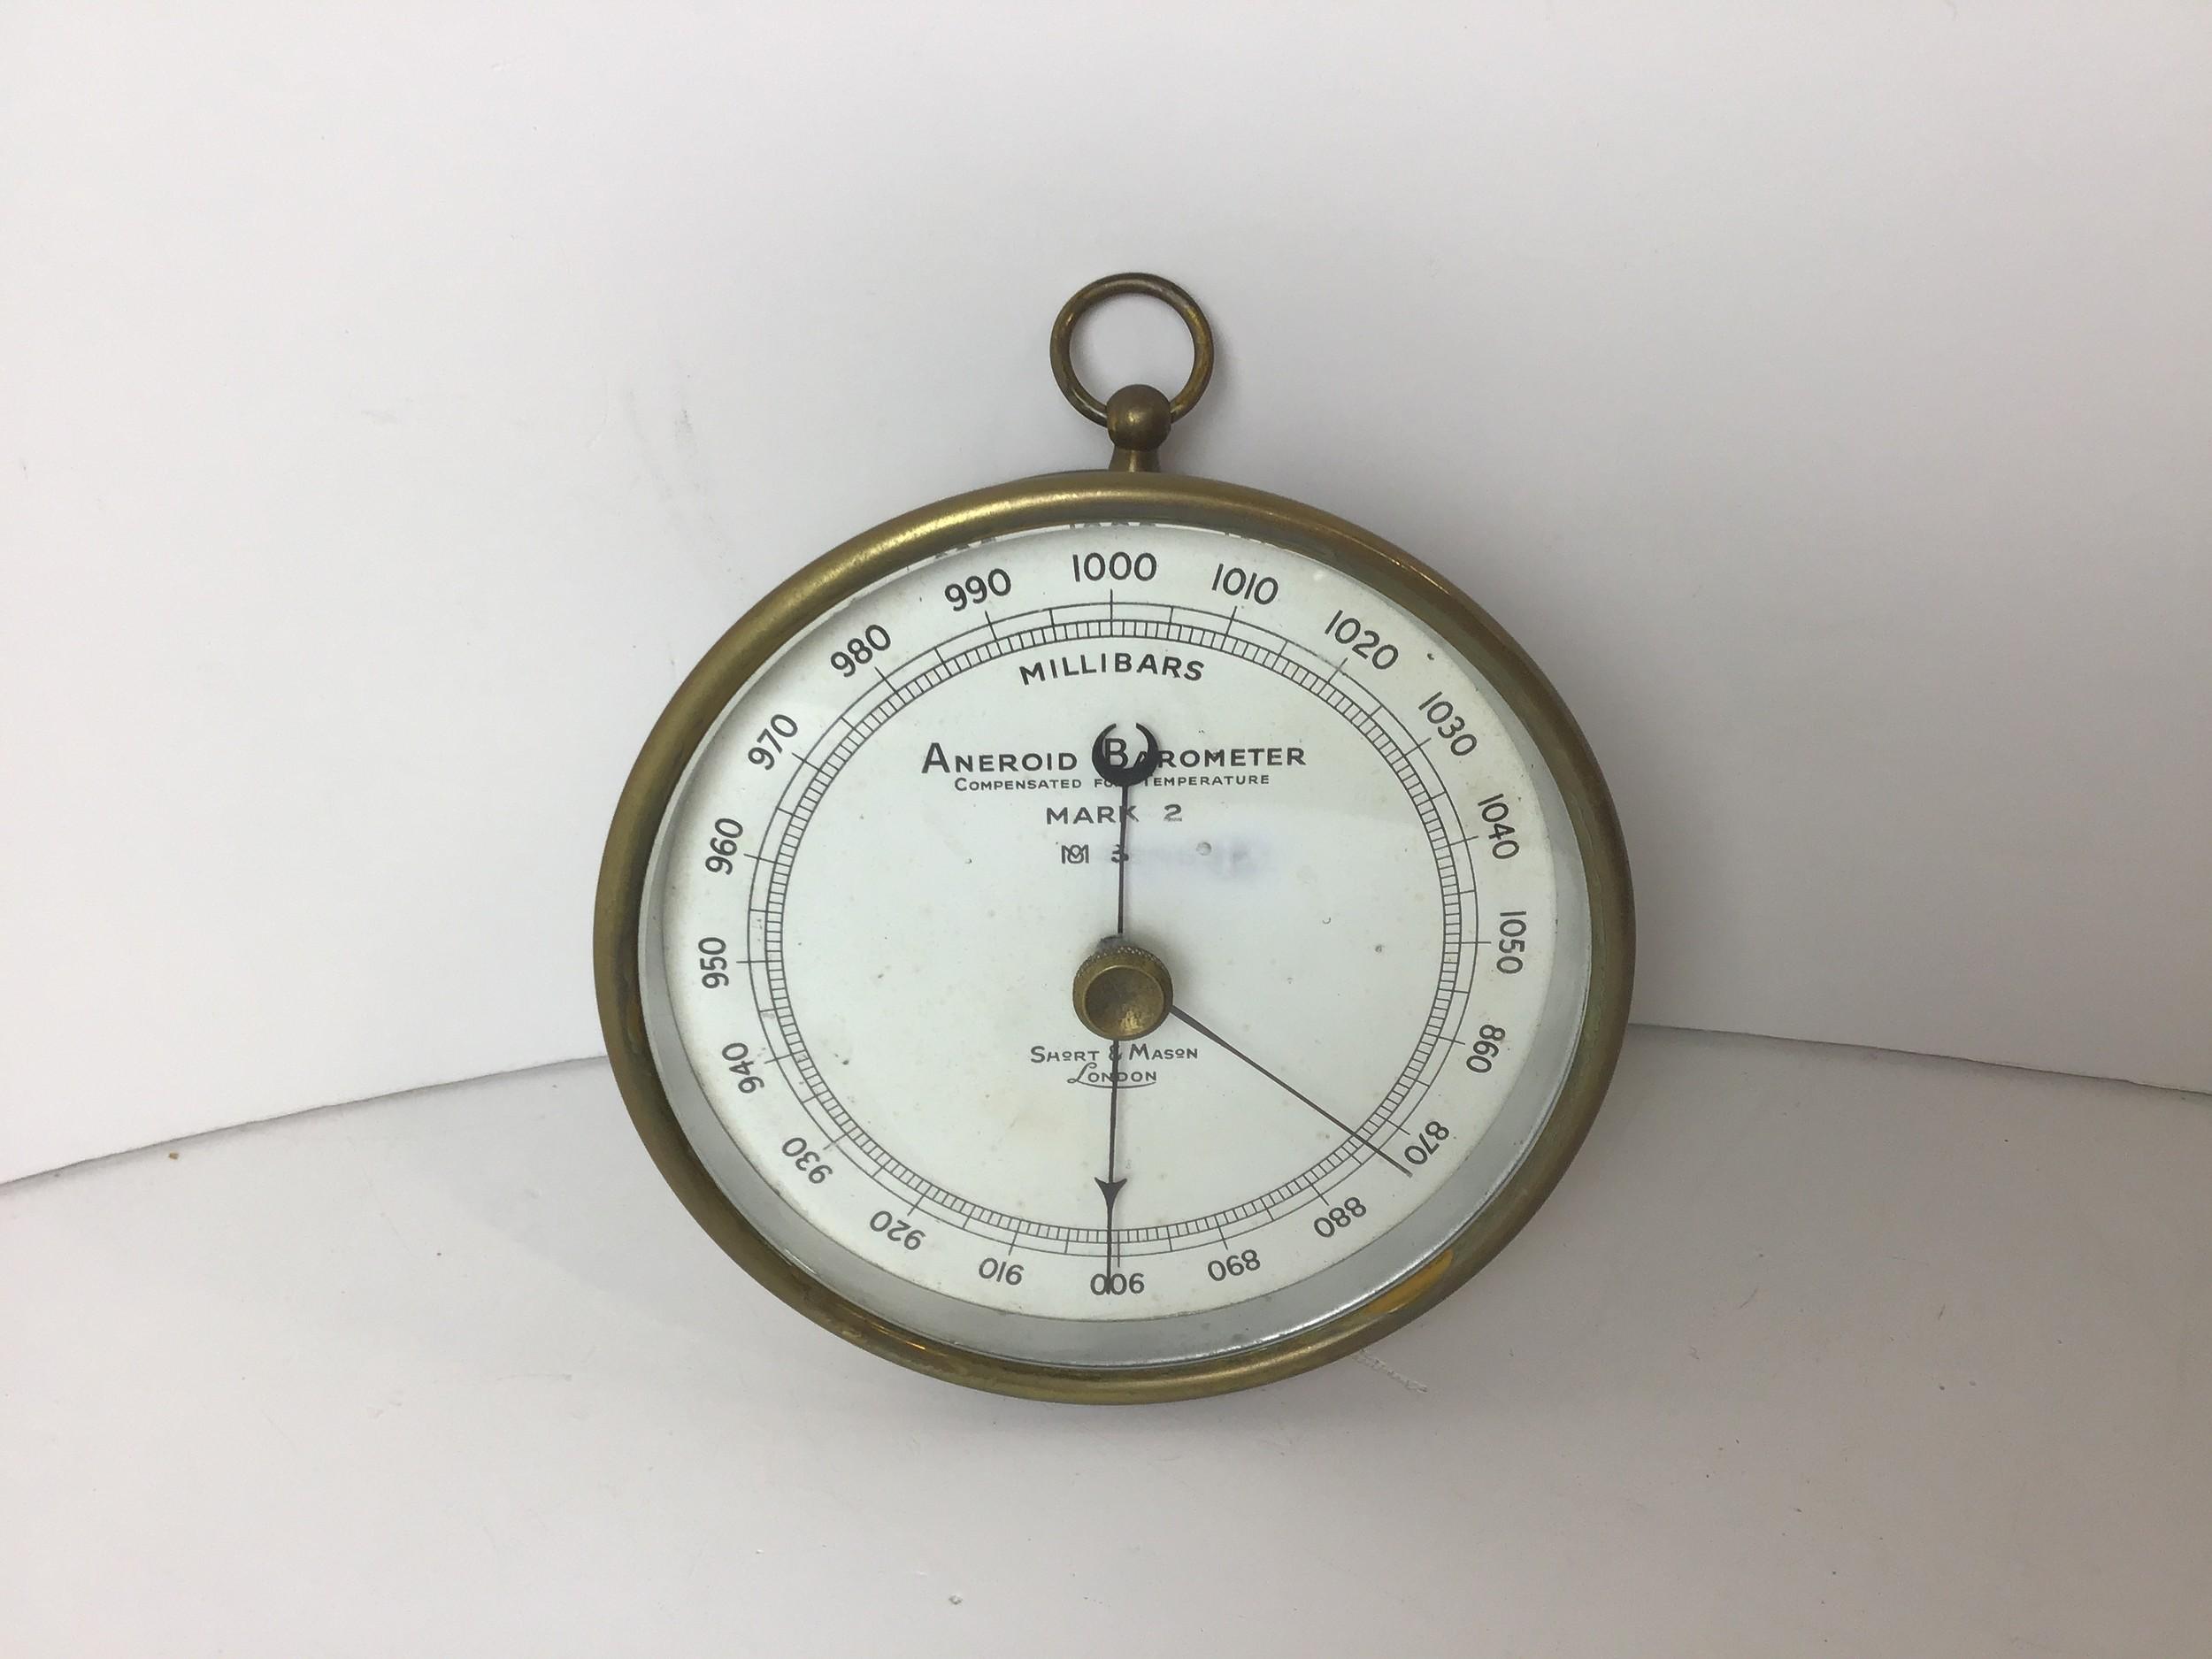 Short and Mason Aneroid Barometer